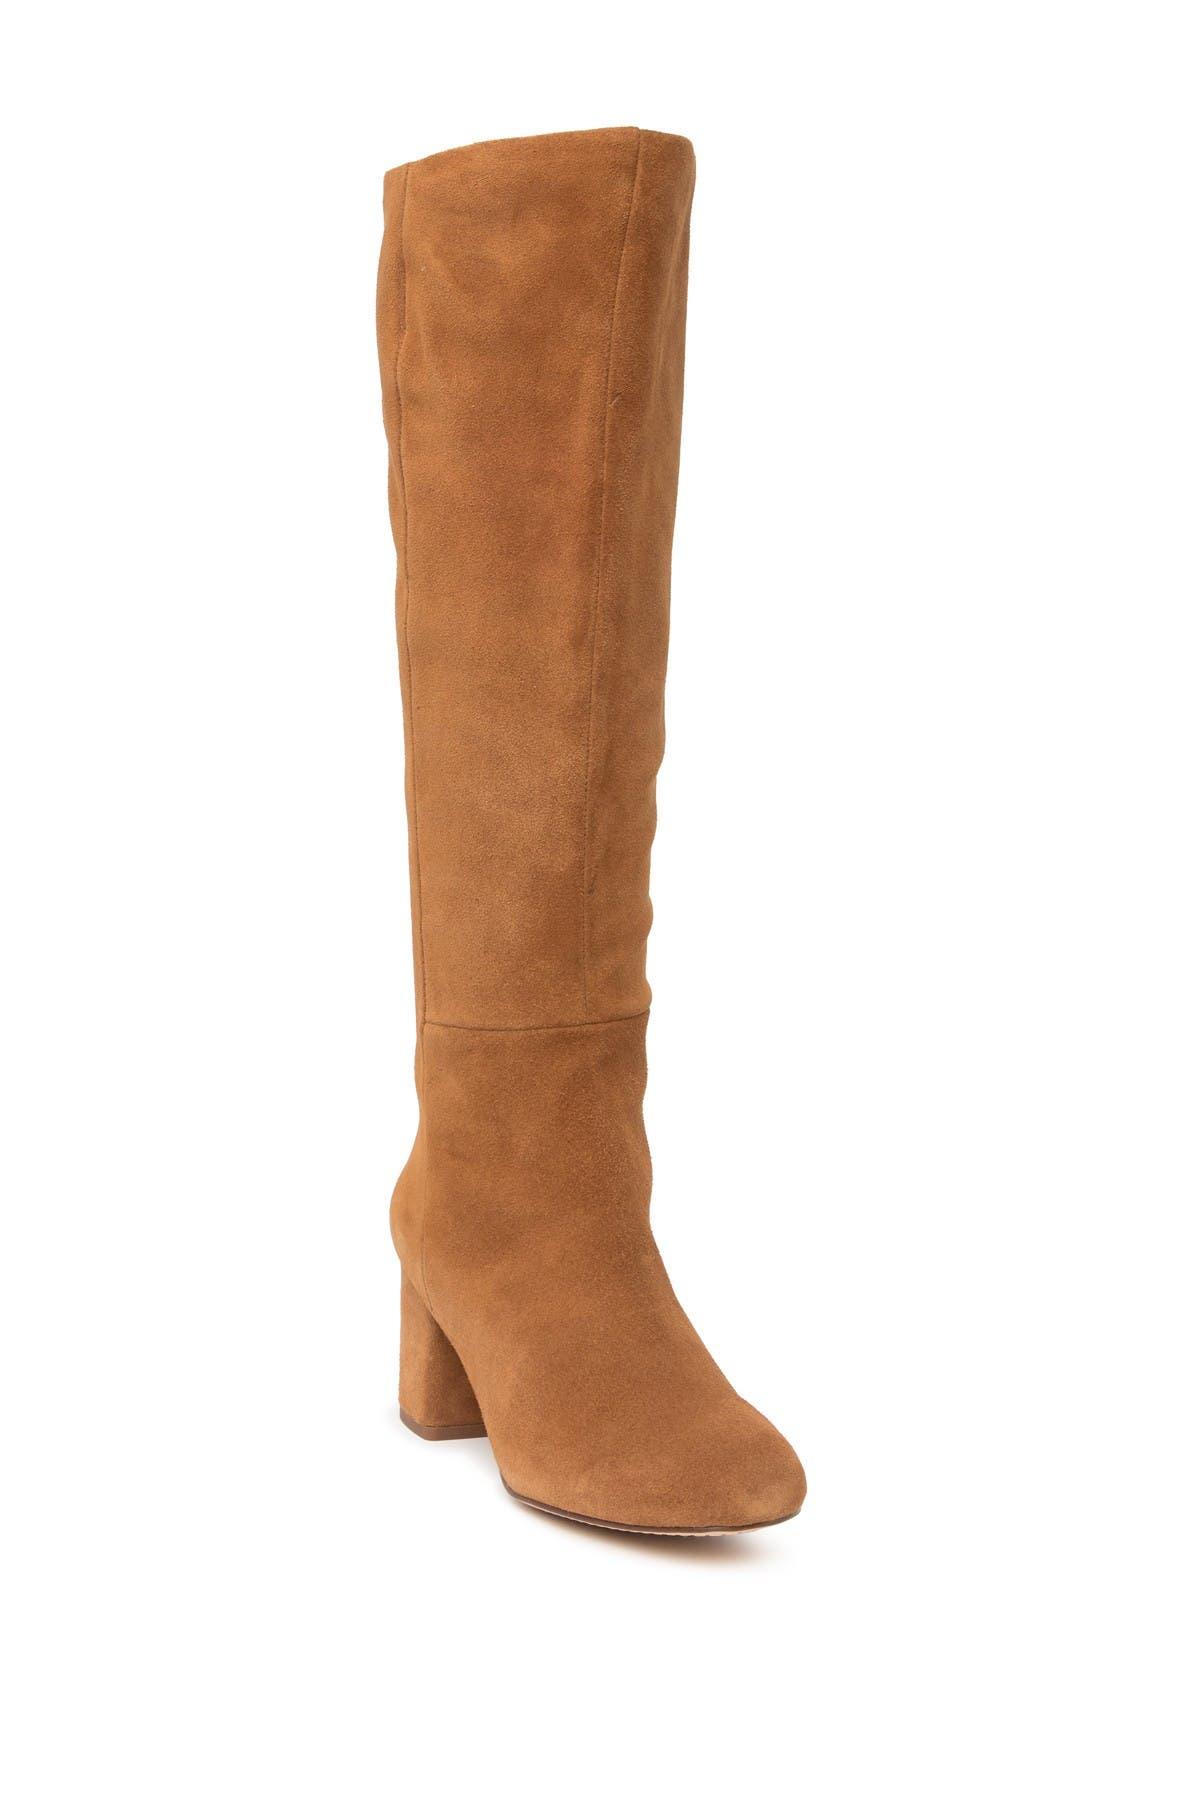 Image of Splendid Danise Knee High Boot